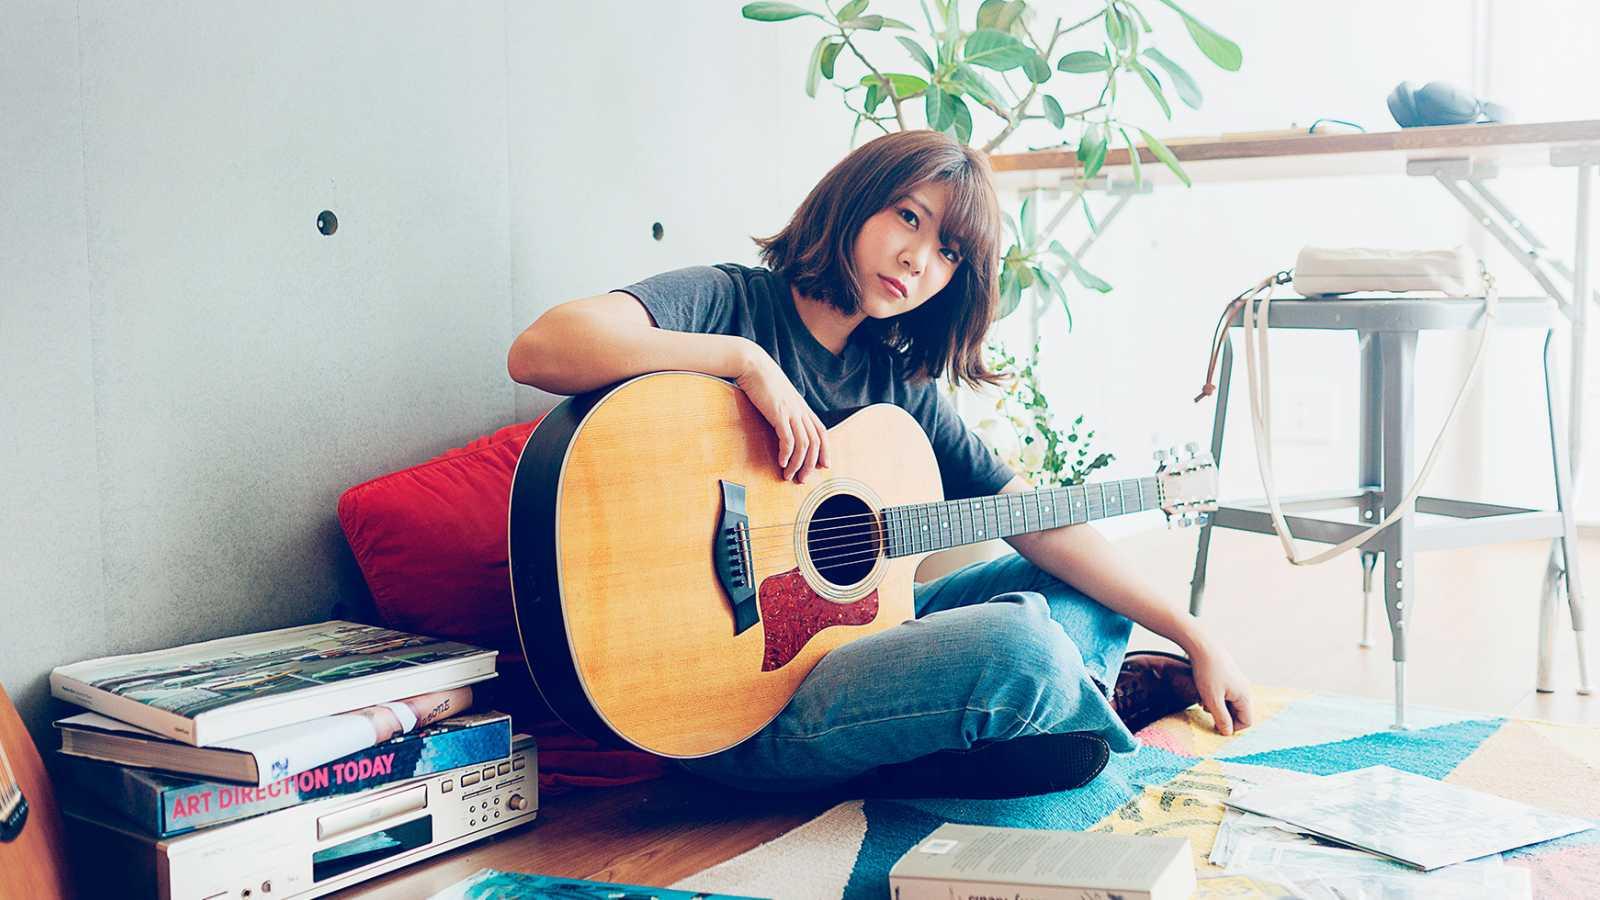 Yamazaki Aoi © Yamazaki Aoi